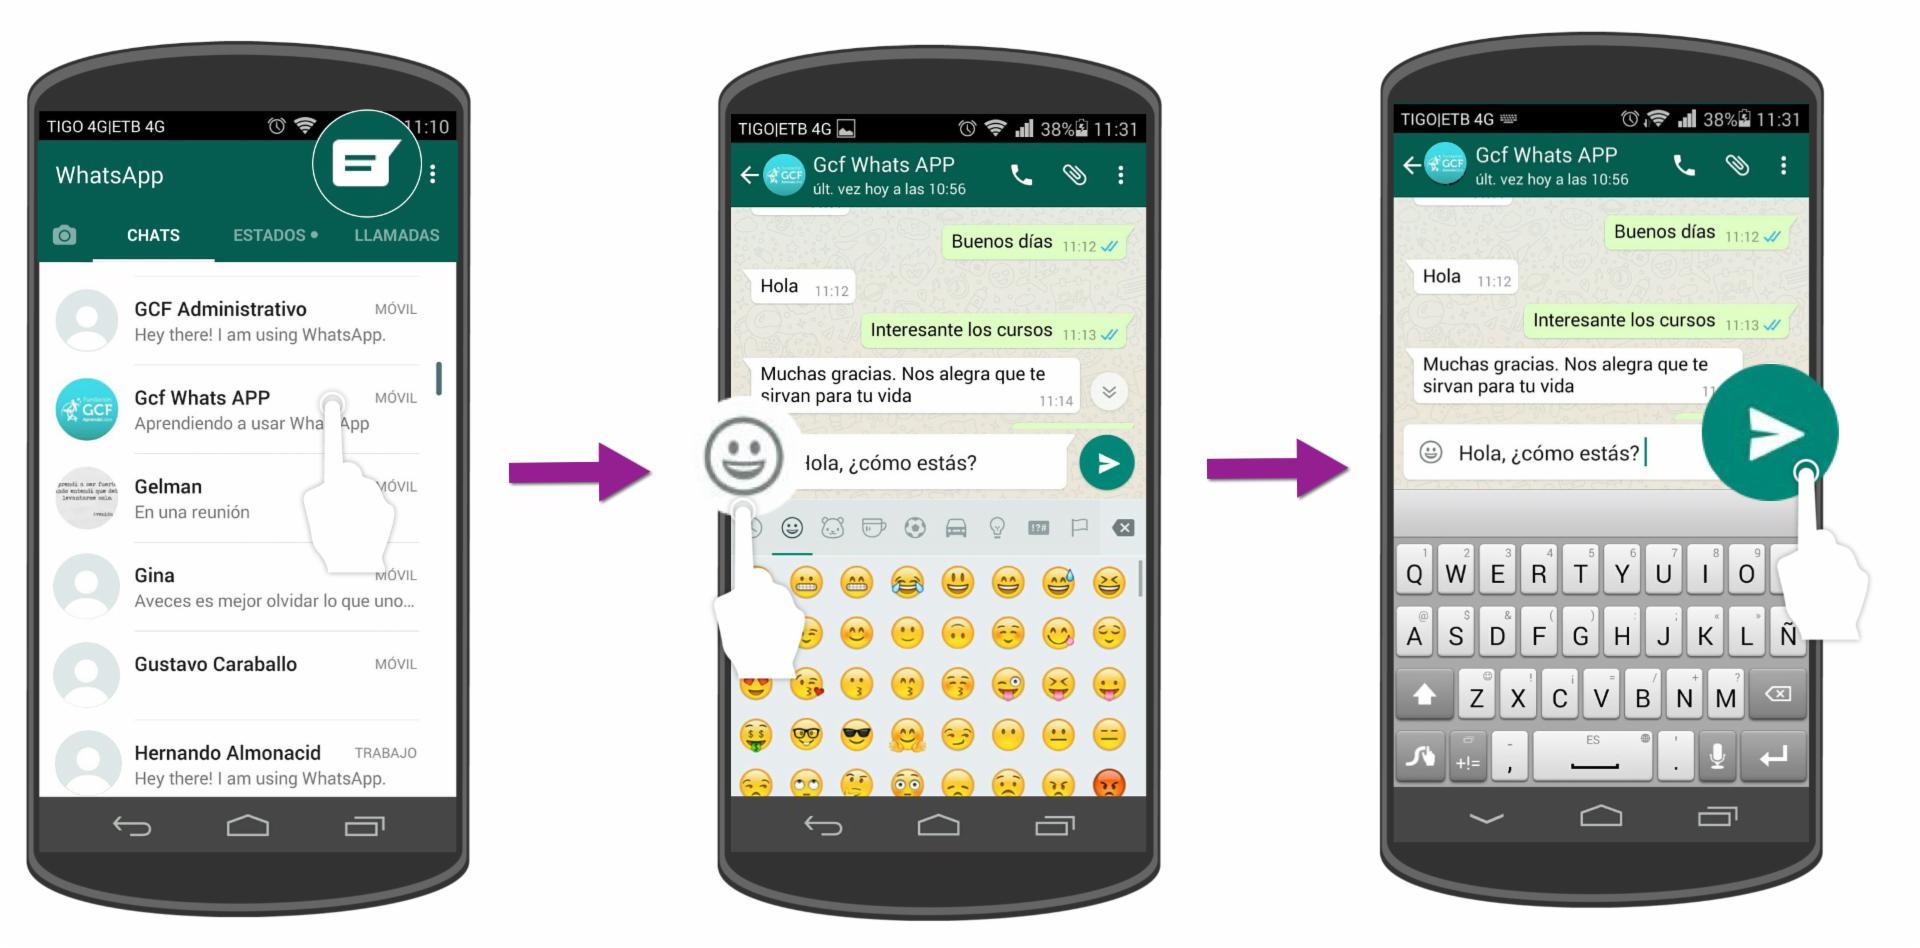 Abre una nueva ventana de chat, escribe su contenido y pulsa la flecha para enviarlo.